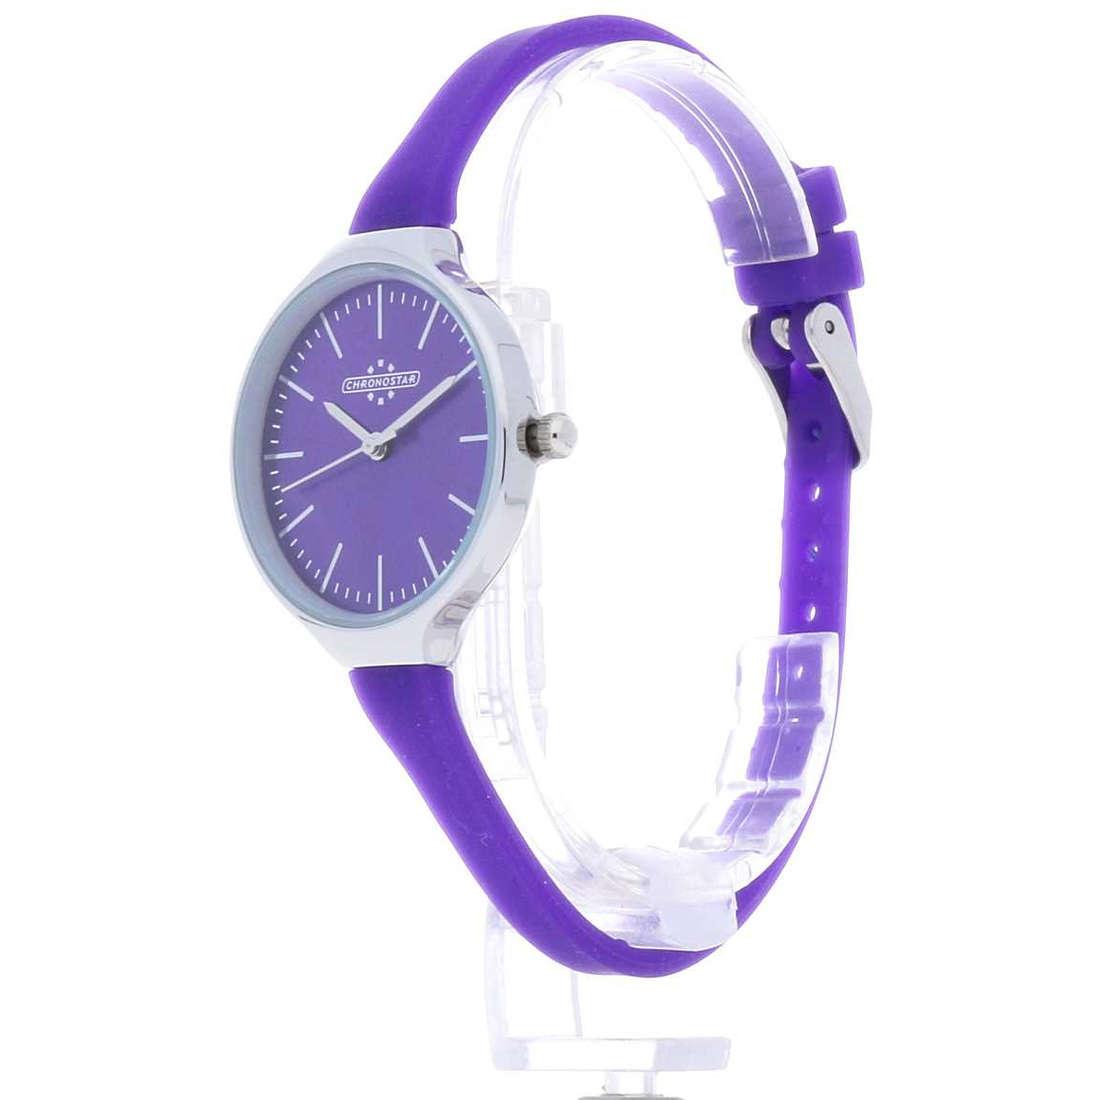 vente montres femme Chronostar R3751248506